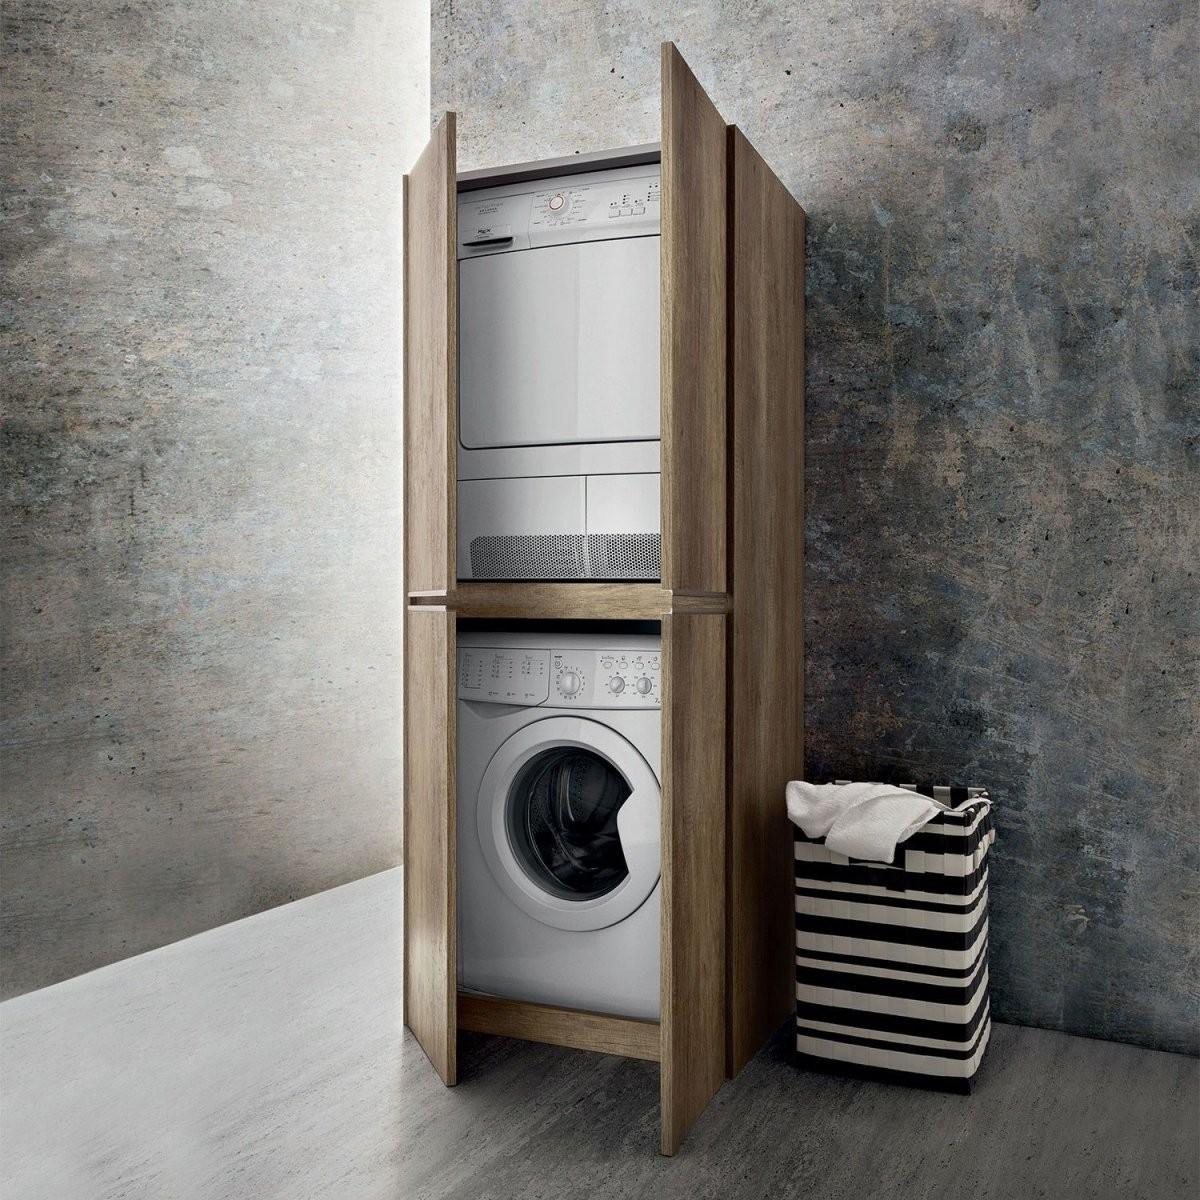 Blizzard Hochschrank Für Waschmaschine Und Trockner  Arredaclick von Schrank Für Waschmaschine Und Trockner Übereinander Ikea Photo